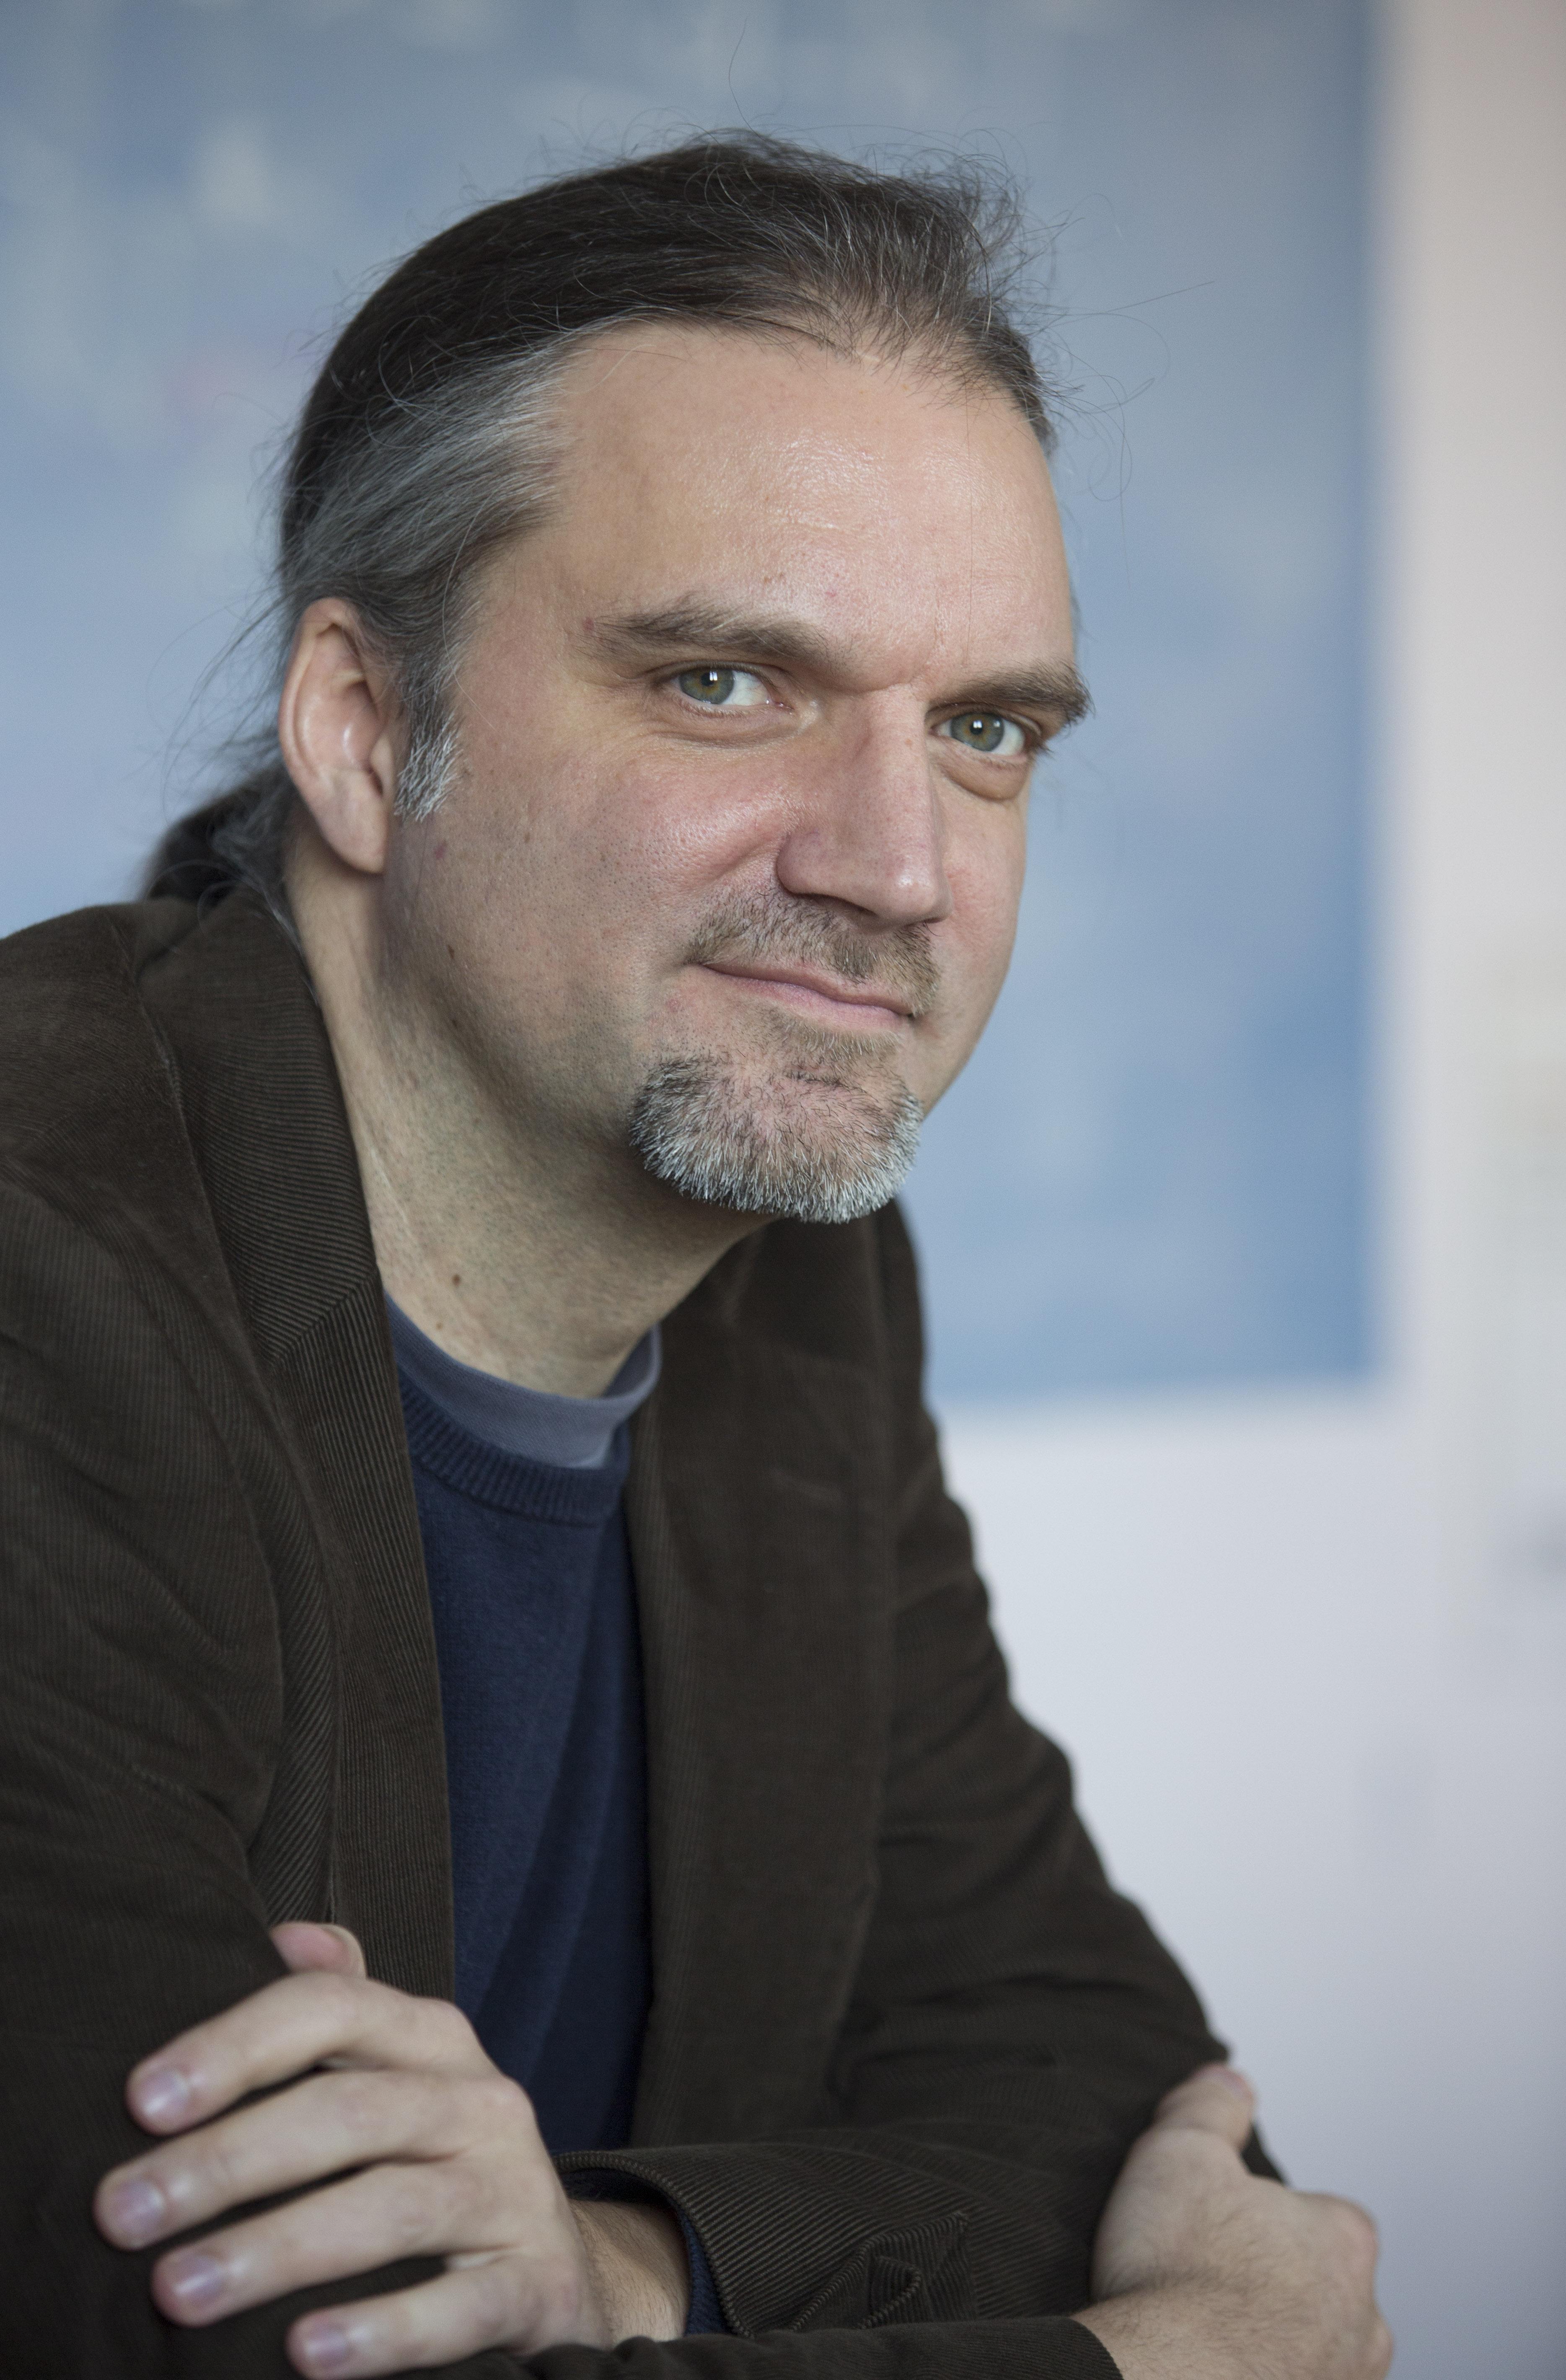 Prof. Freise